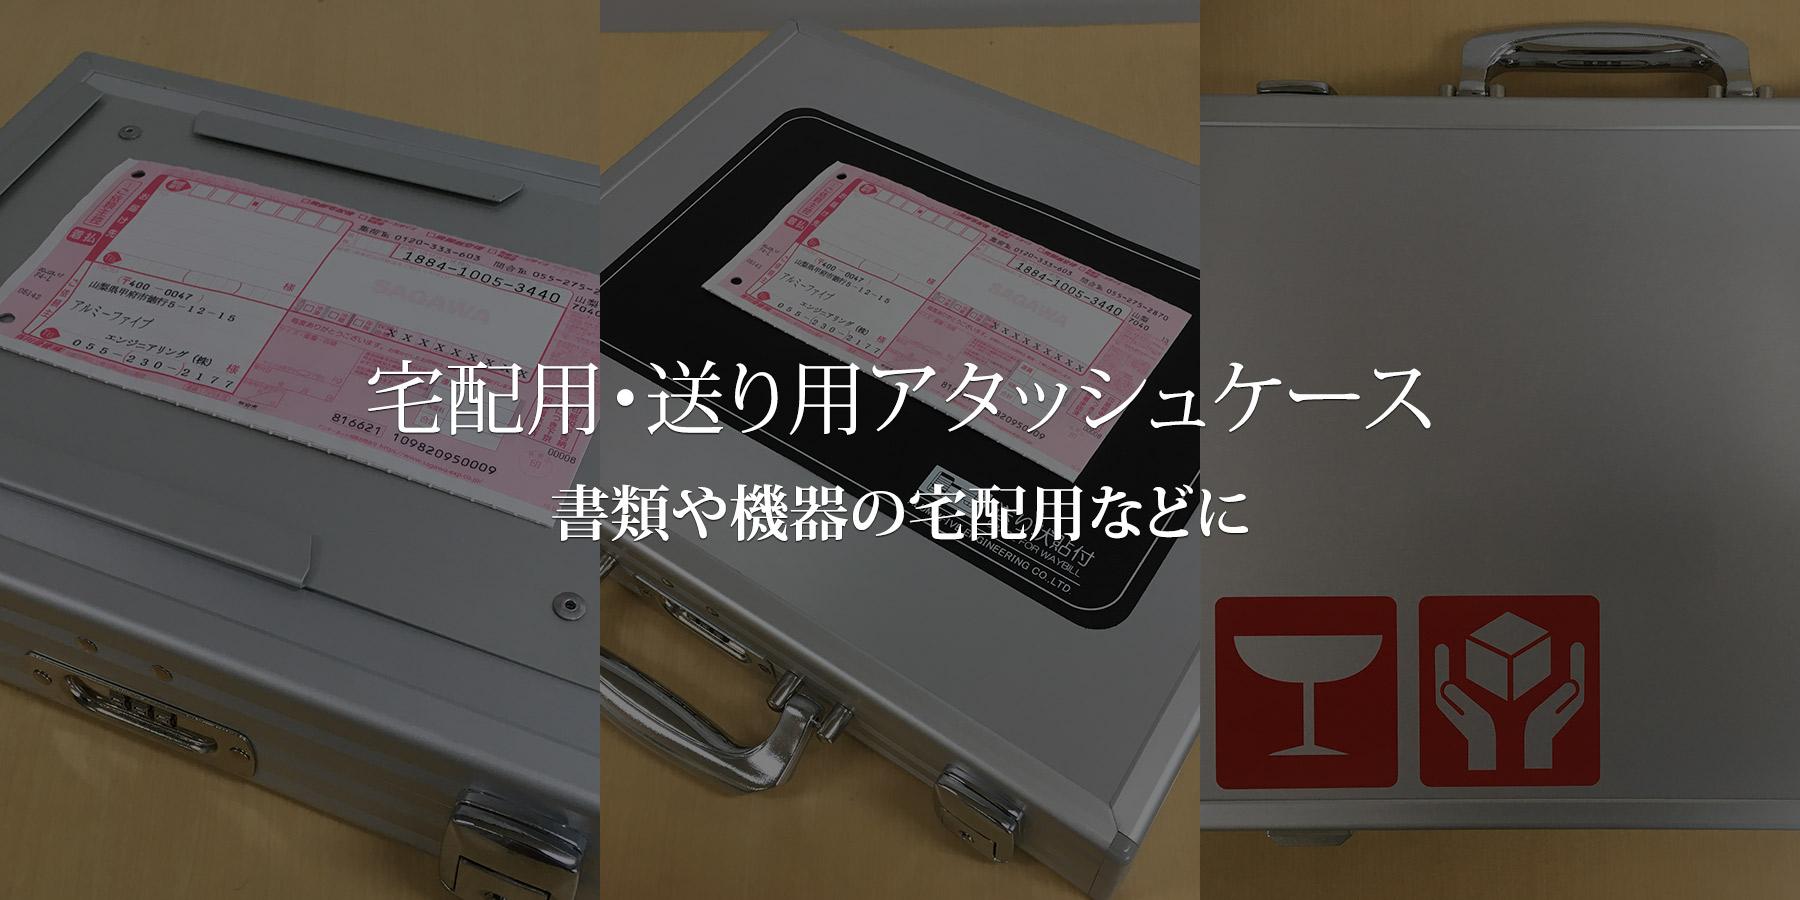 通い箱・通函 企業間、支店間の書類・機器の保管・搬送・運搬に